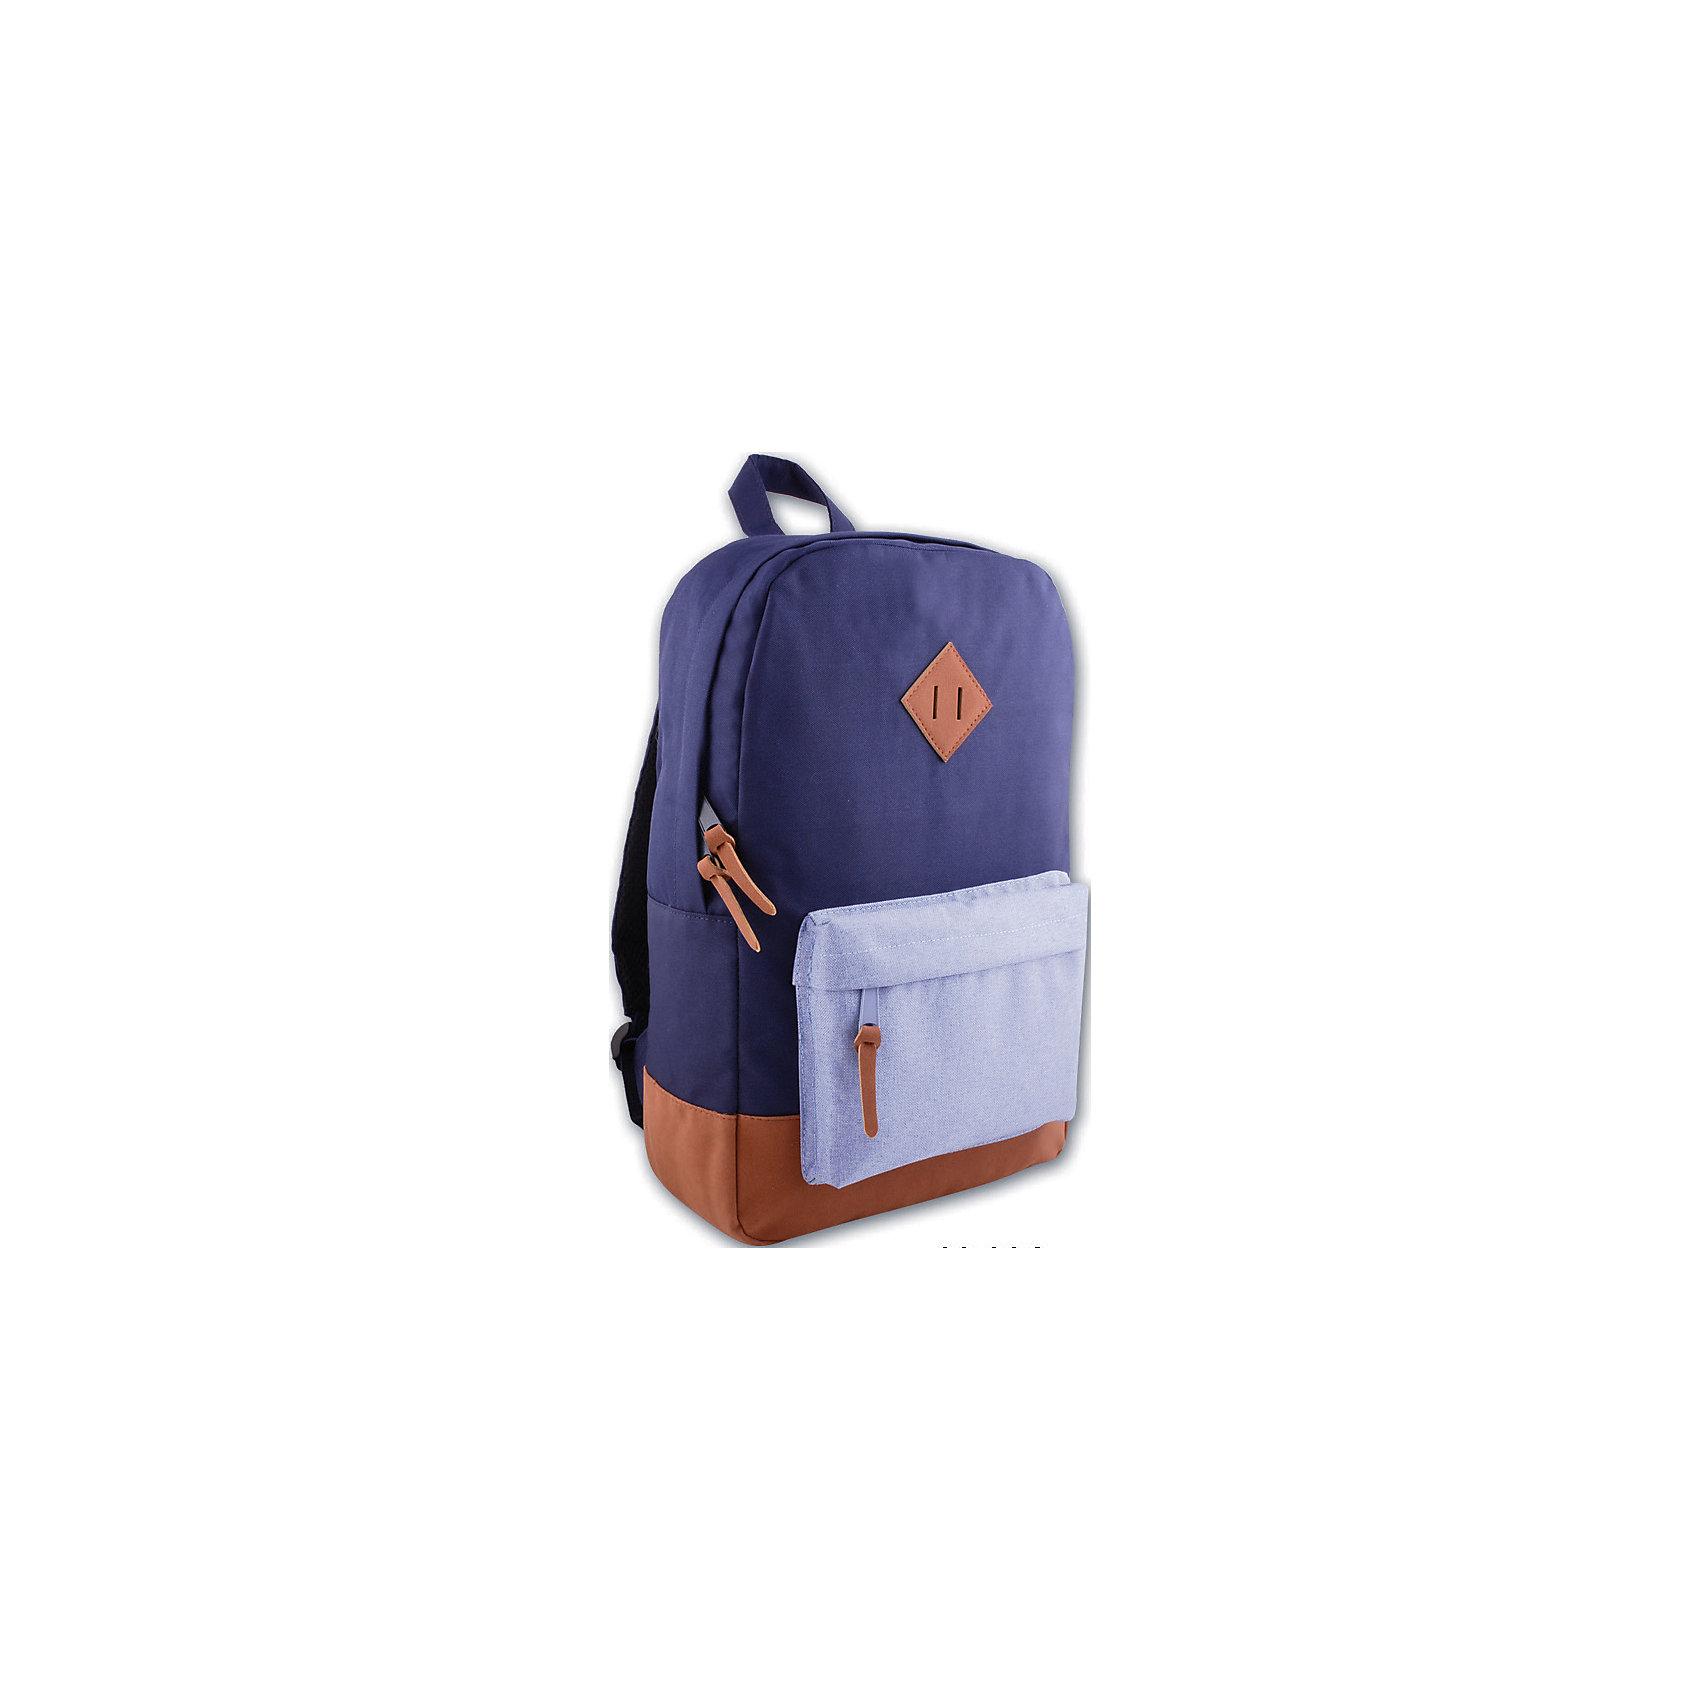 Рюкзак молодежный, фиолетовыйСтильный, яркий, удобный рюкзак для Вашего ребенка! У рюкзака одно большое отделение на молнии и один дополнительный карман спереди, лямки регулируются.<br><br>Дополнительная информация:<br><br>- Возраст: от 6 лет.<br>- Молнии ранца украшены брелками.<br>- Цвет: фиолетовый.<br>- Материал: 100% полиэстер.<br>- Размер упаковки: 42х28х11 см.<br>- Вес в упаковке: 325 г.<br><br>Купить молодежный рюкзак в фиолетовом цвете, можно в нашем магазине.<br><br>Ширина мм: 420<br>Глубина мм: 280<br>Высота мм: 110<br>Вес г: 325<br>Возраст от месяцев: 72<br>Возраст до месяцев: 2147483647<br>Пол: Унисекс<br>Возраст: Детский<br>SKU: 4943621